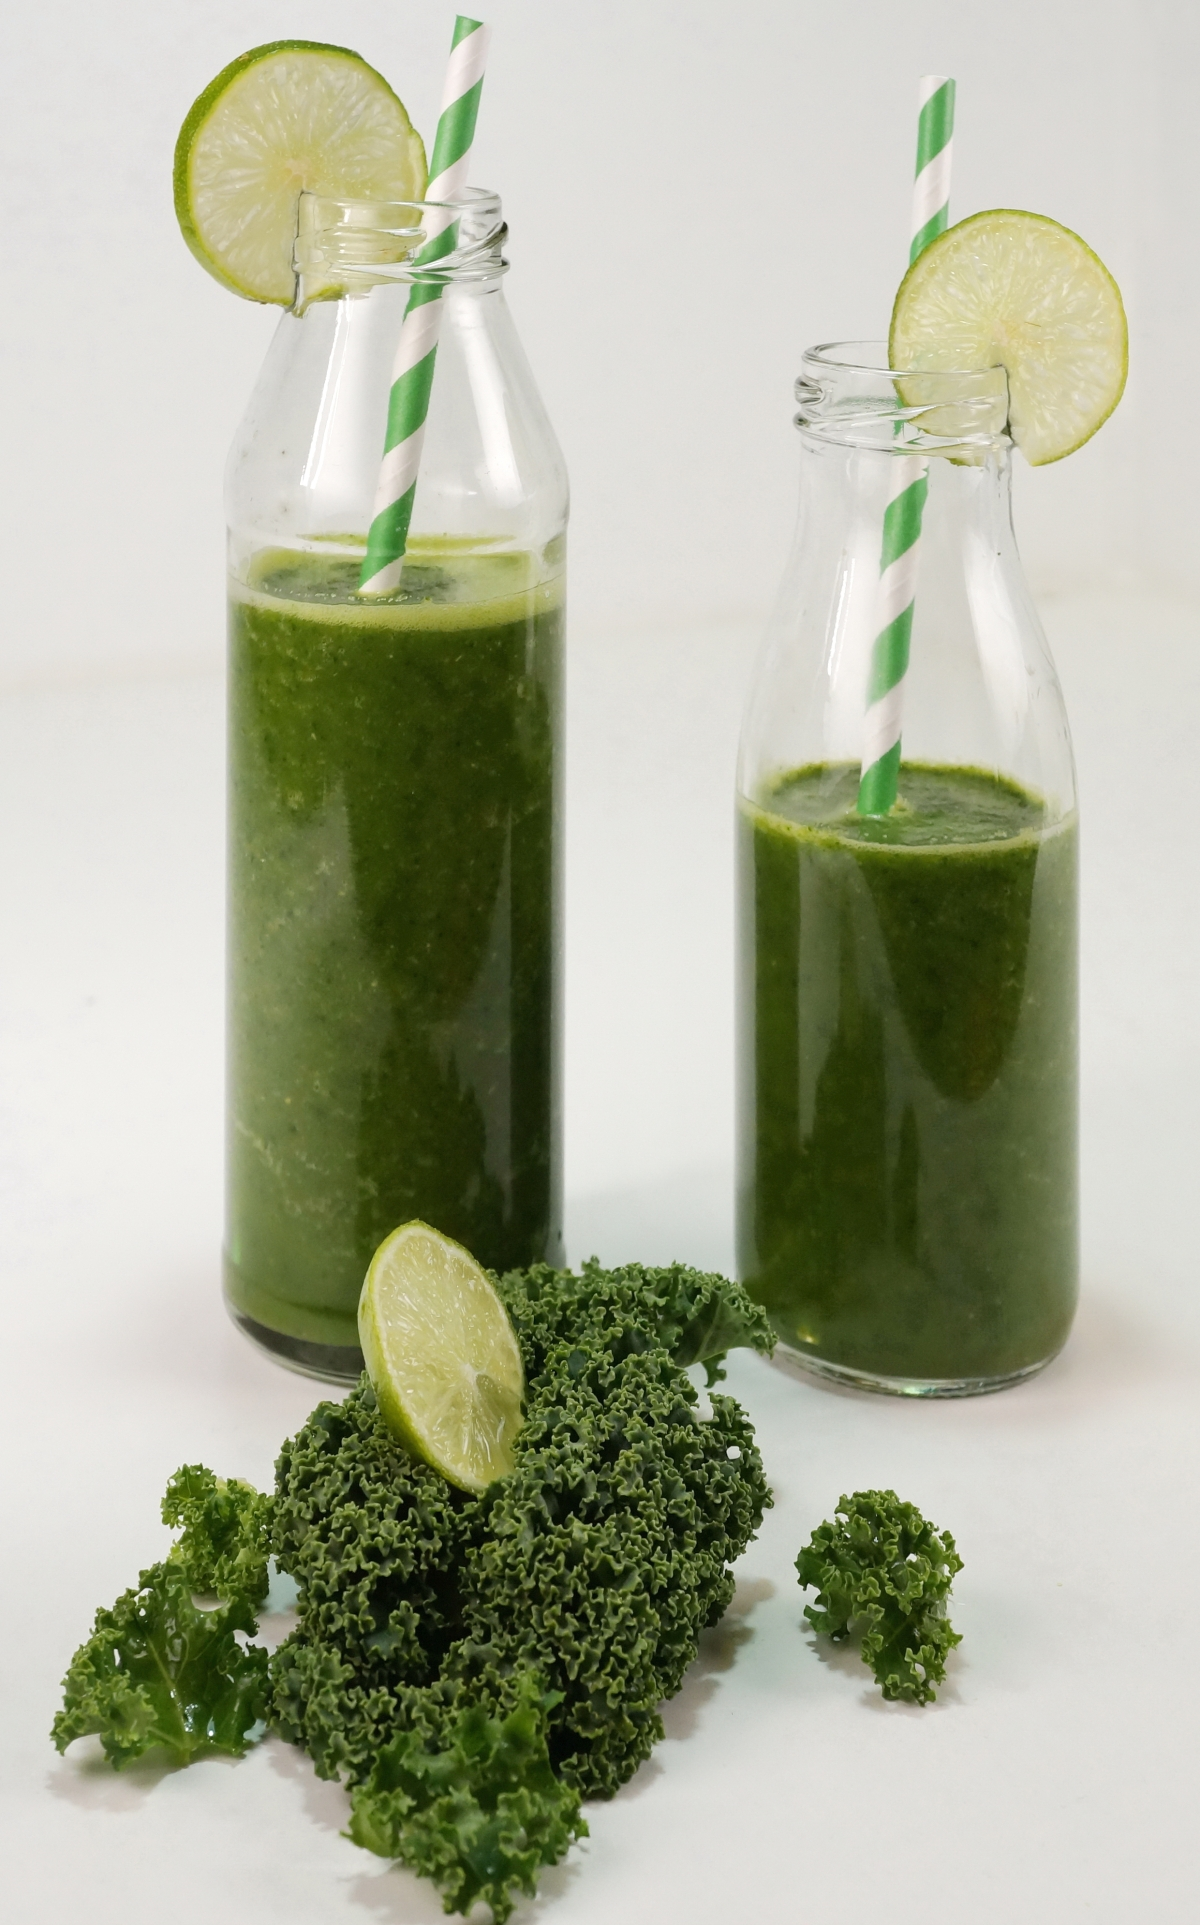 Ein Winter-Smoothie: Grünkohl-Smoothie mit Ingwer, Apfel &Limette